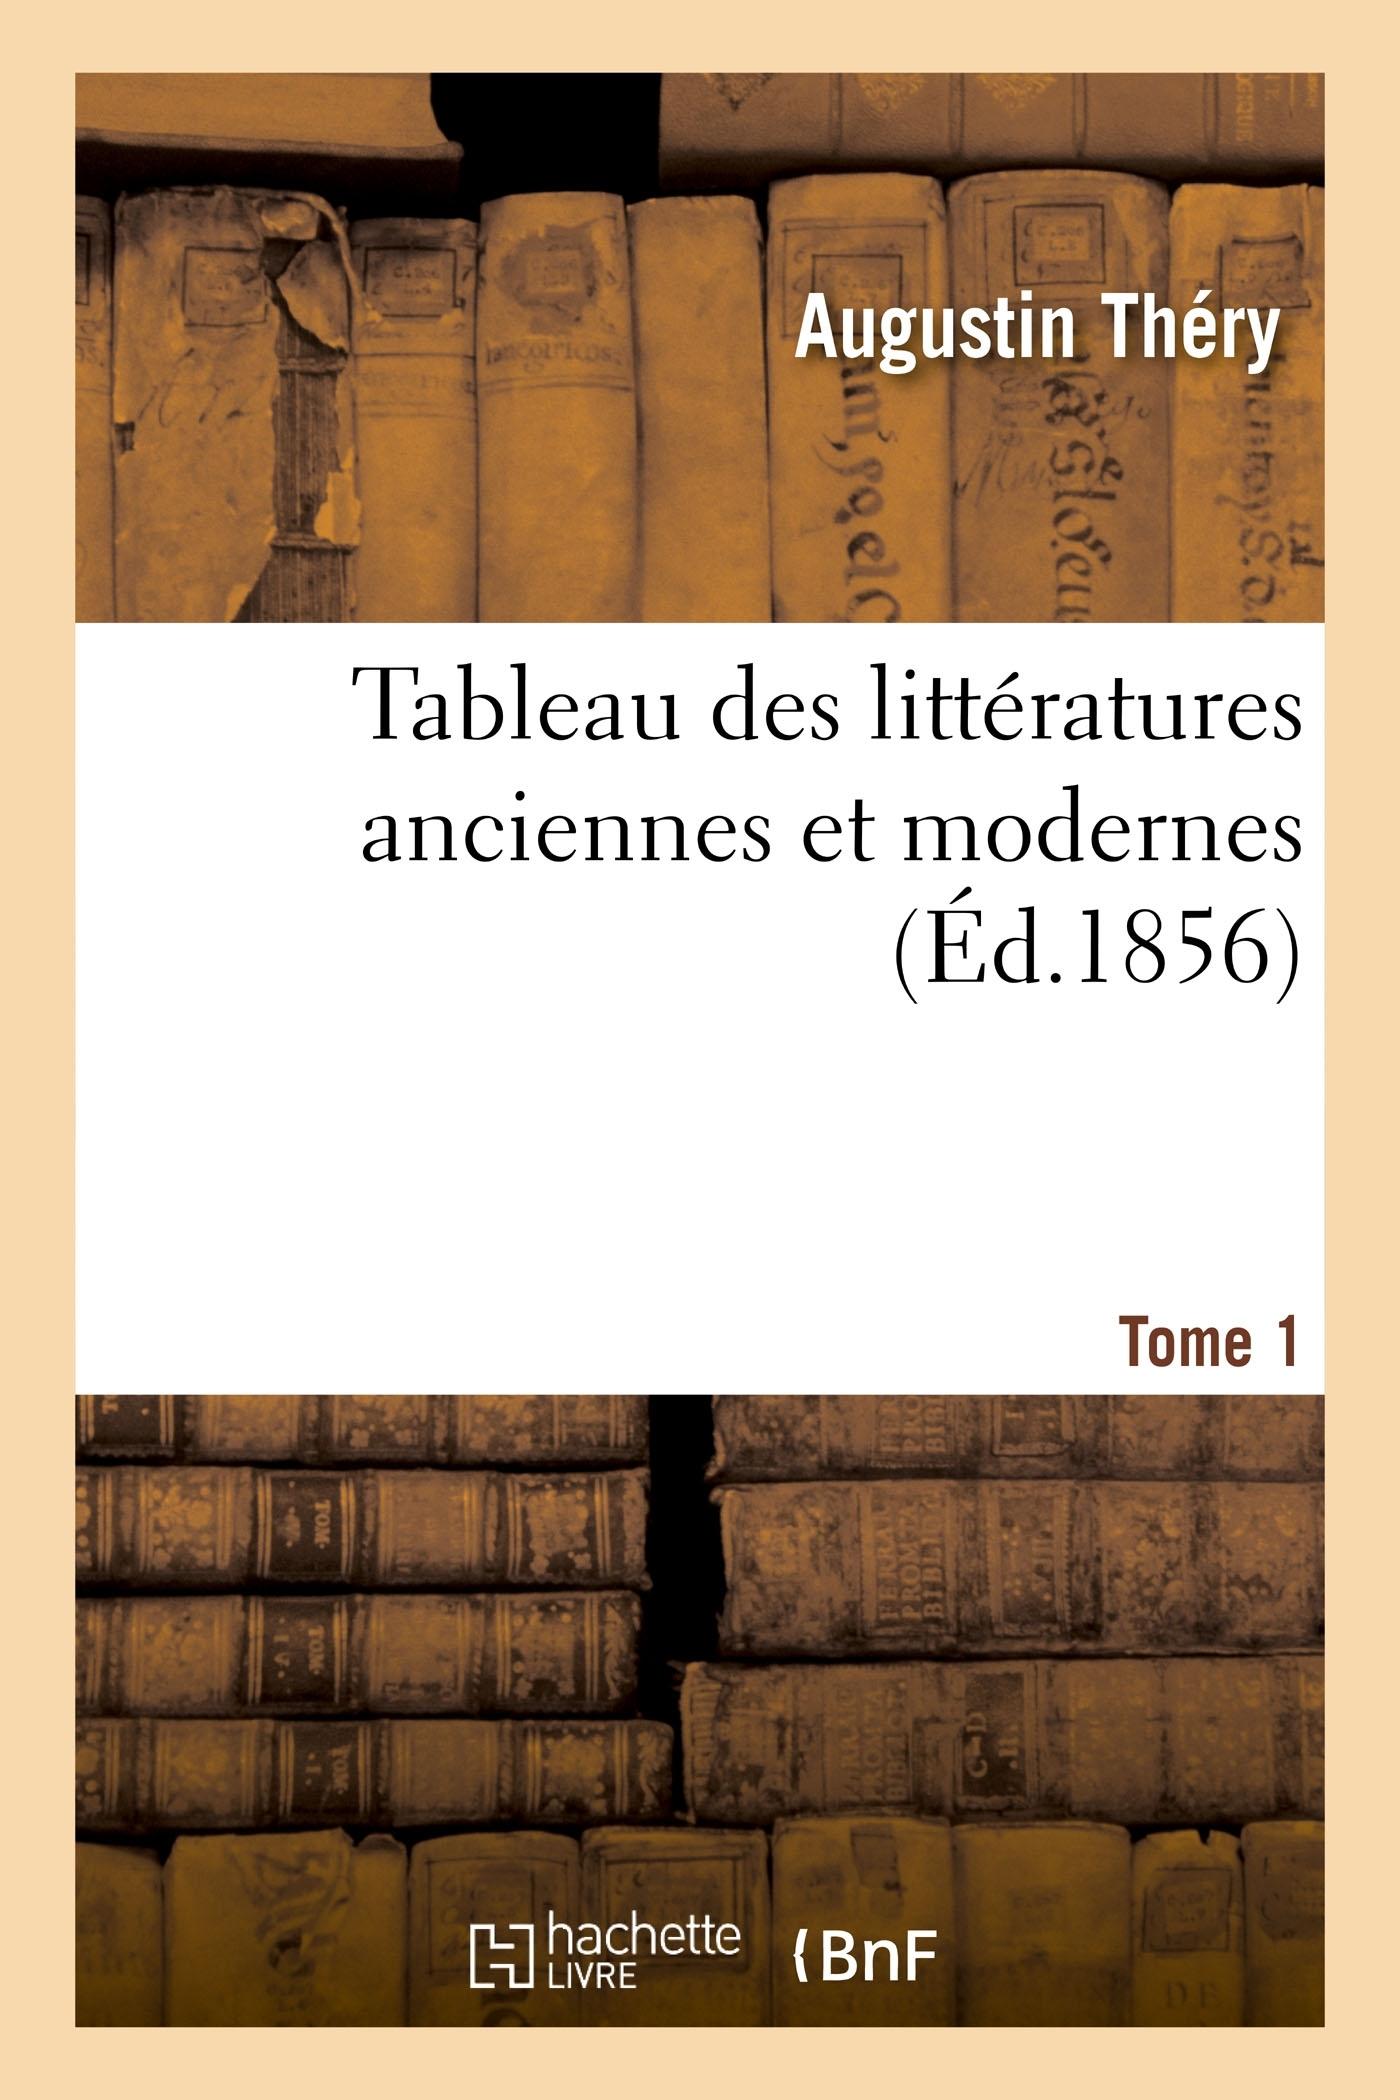 TABLEAU DES LITTERATURES ANCIENNES ET MODERNES. TOME 1 - OU HISTOIRE DES OPINIONS LITTERAIRES CHEZ L